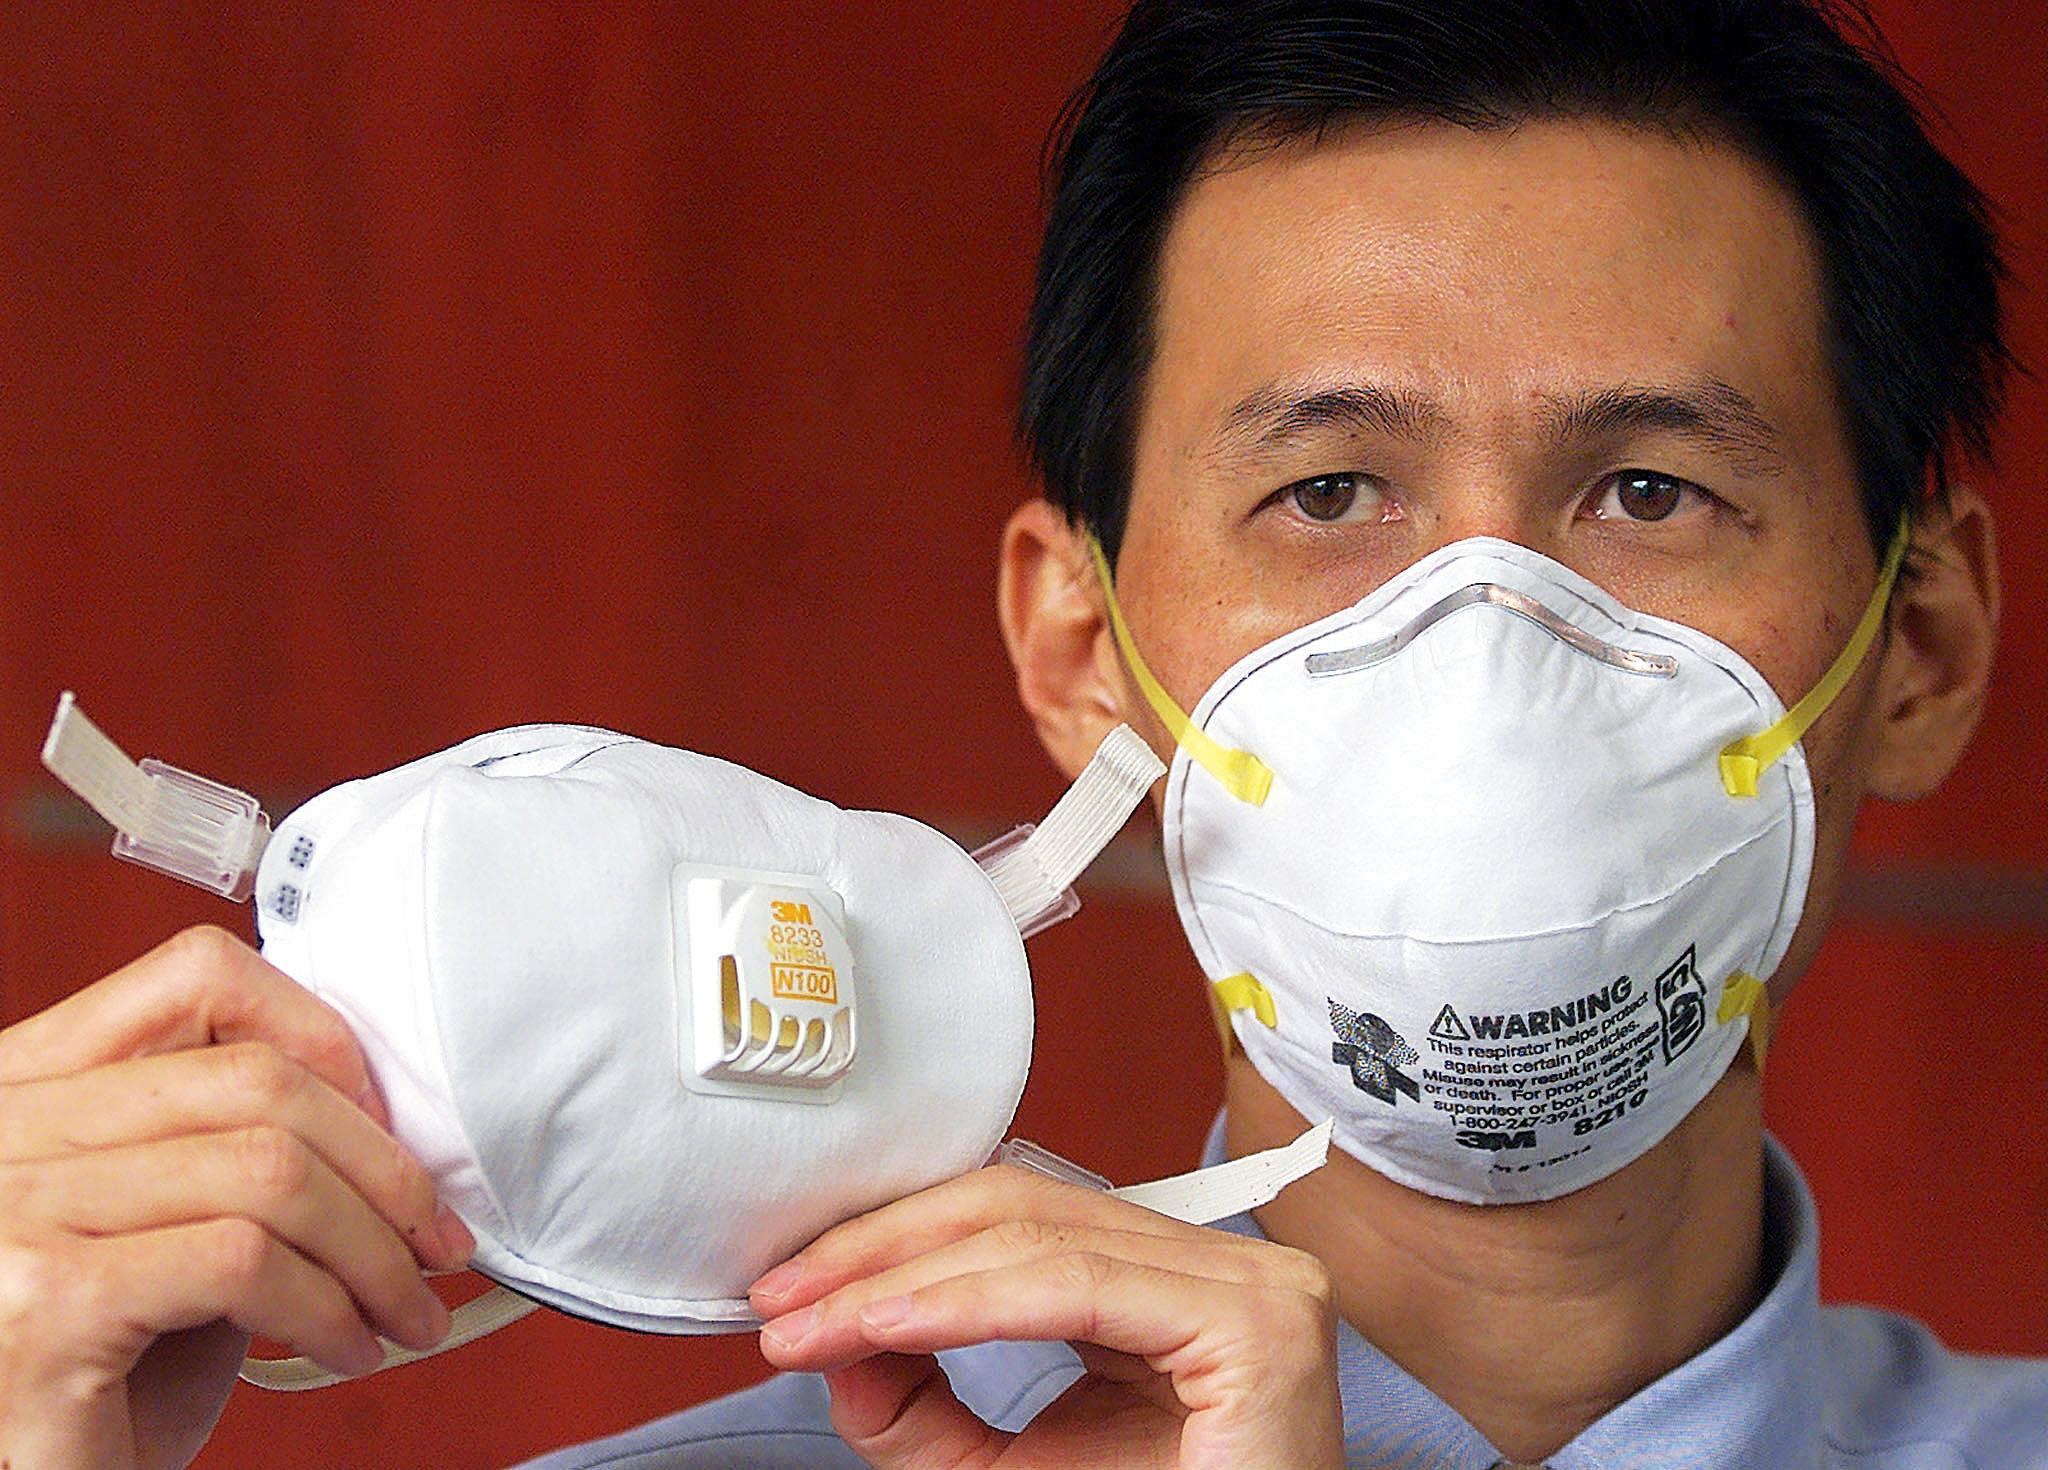 لماذا يصر الأطباء الآسيويون على وجود فائدة للكمامات؟